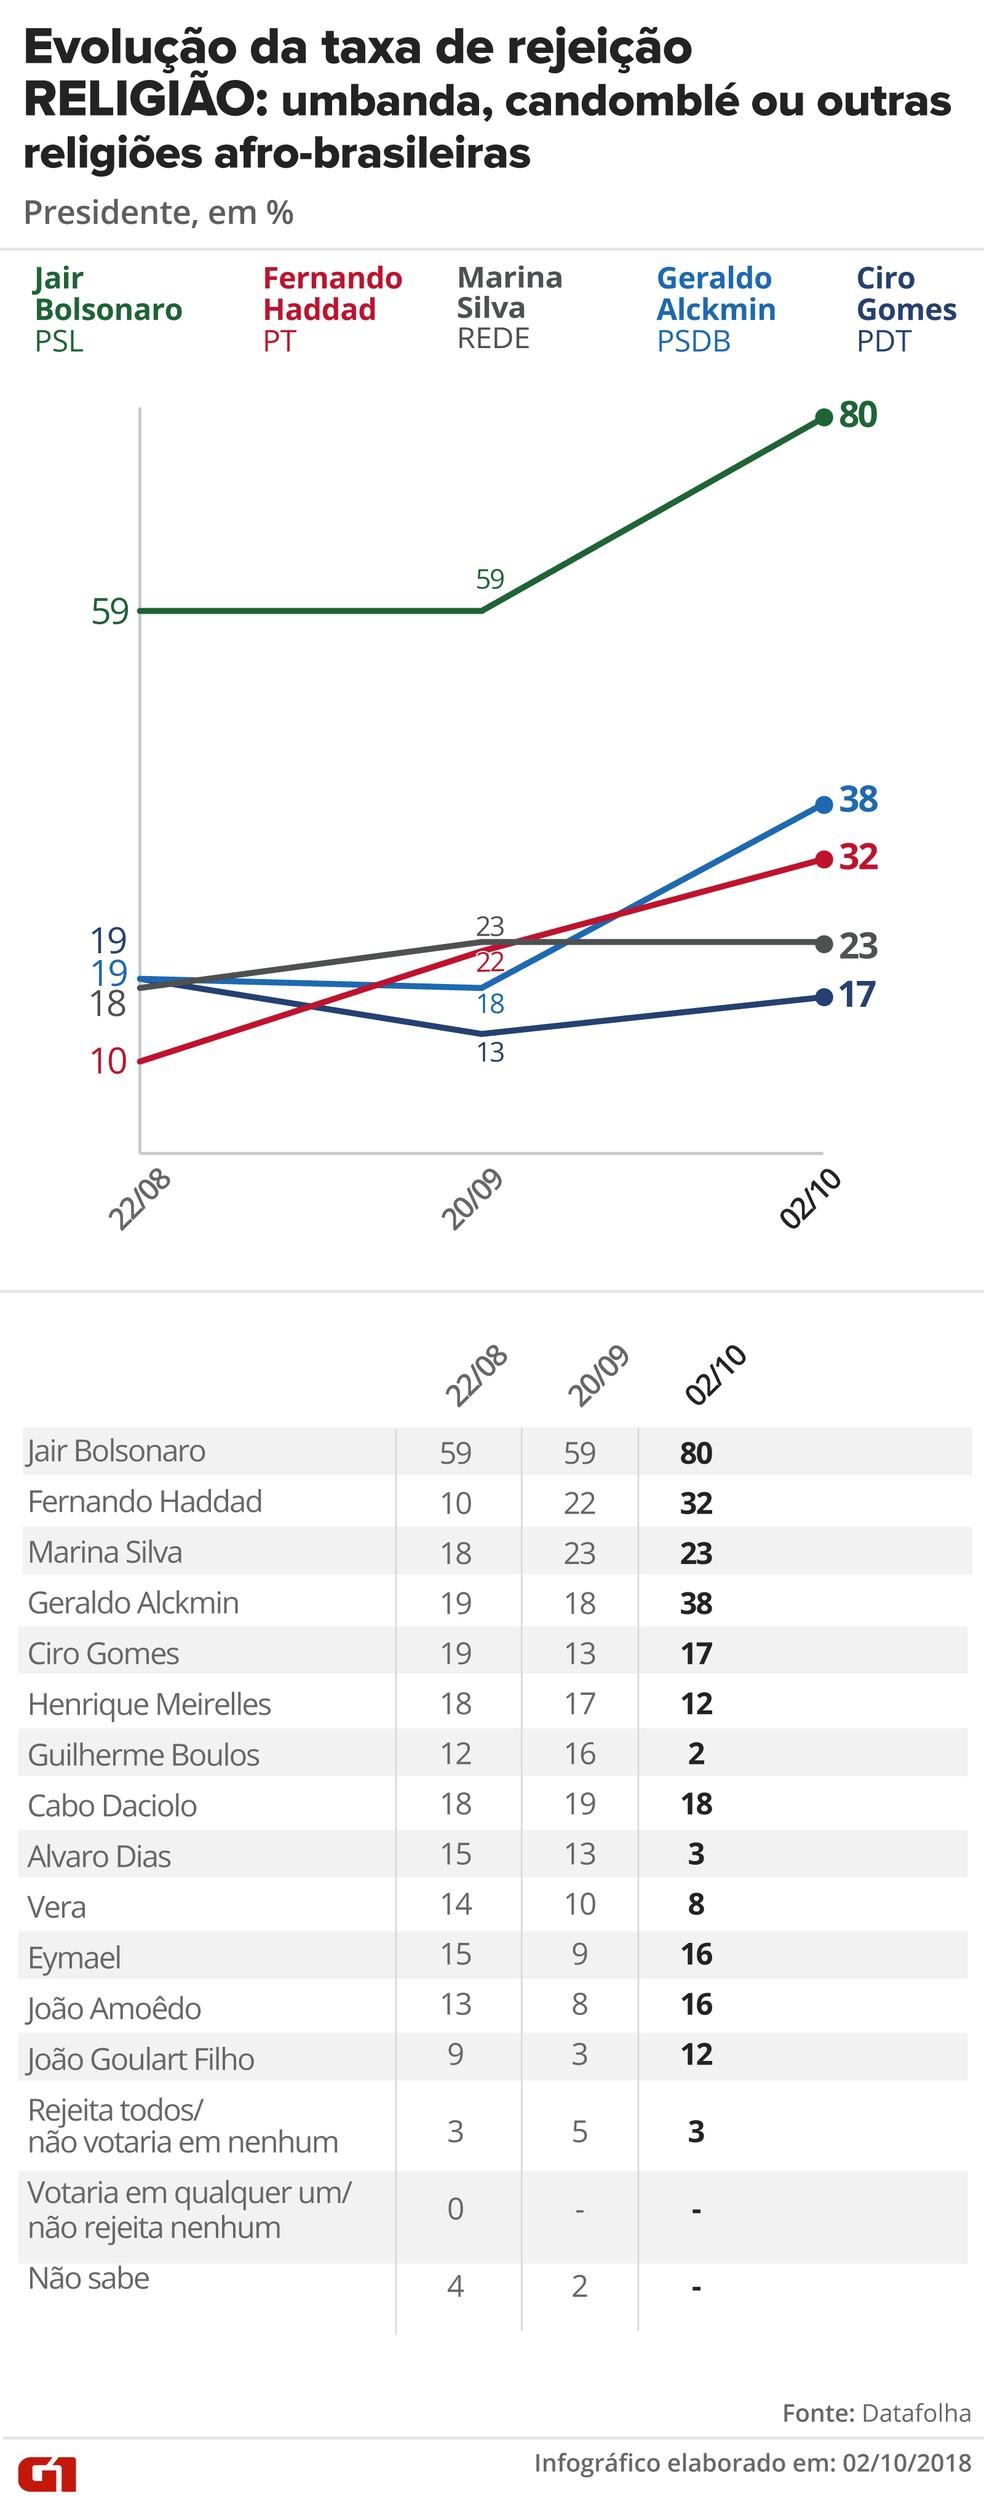 Pesquisa Datafolha, 2/10 para presidente - Rejeição - Religião: Umbanda, candomblé e outras religiões afro-brasileiras — Foto: G1 Arte